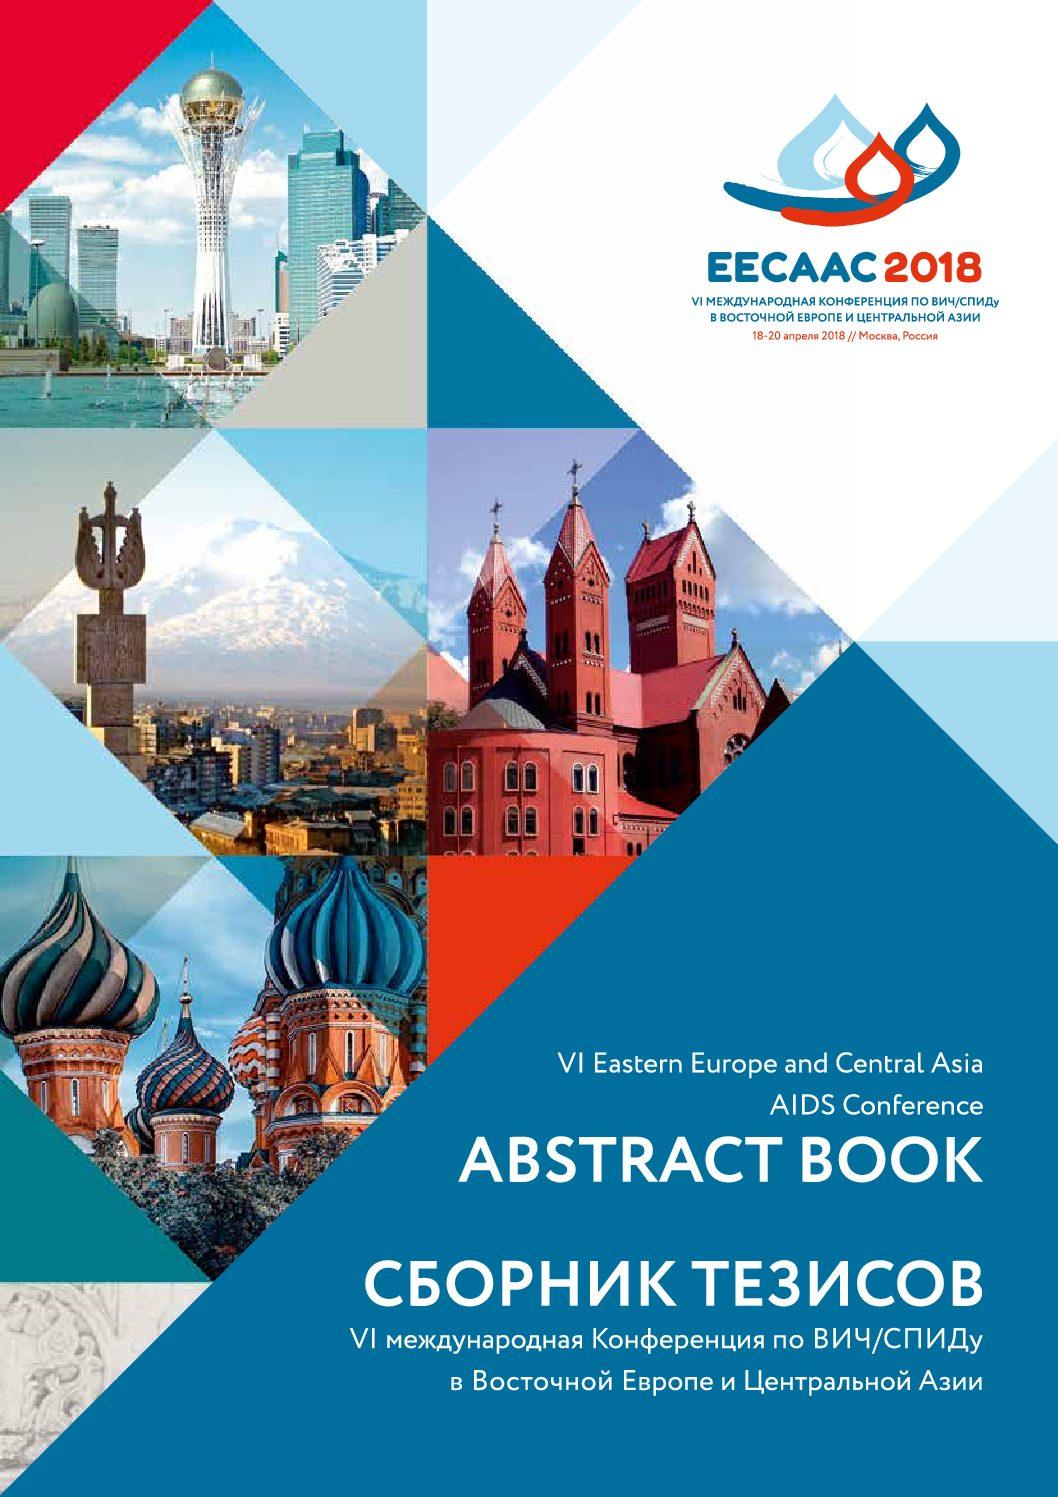 Сборник тезисов EECAAC 2018